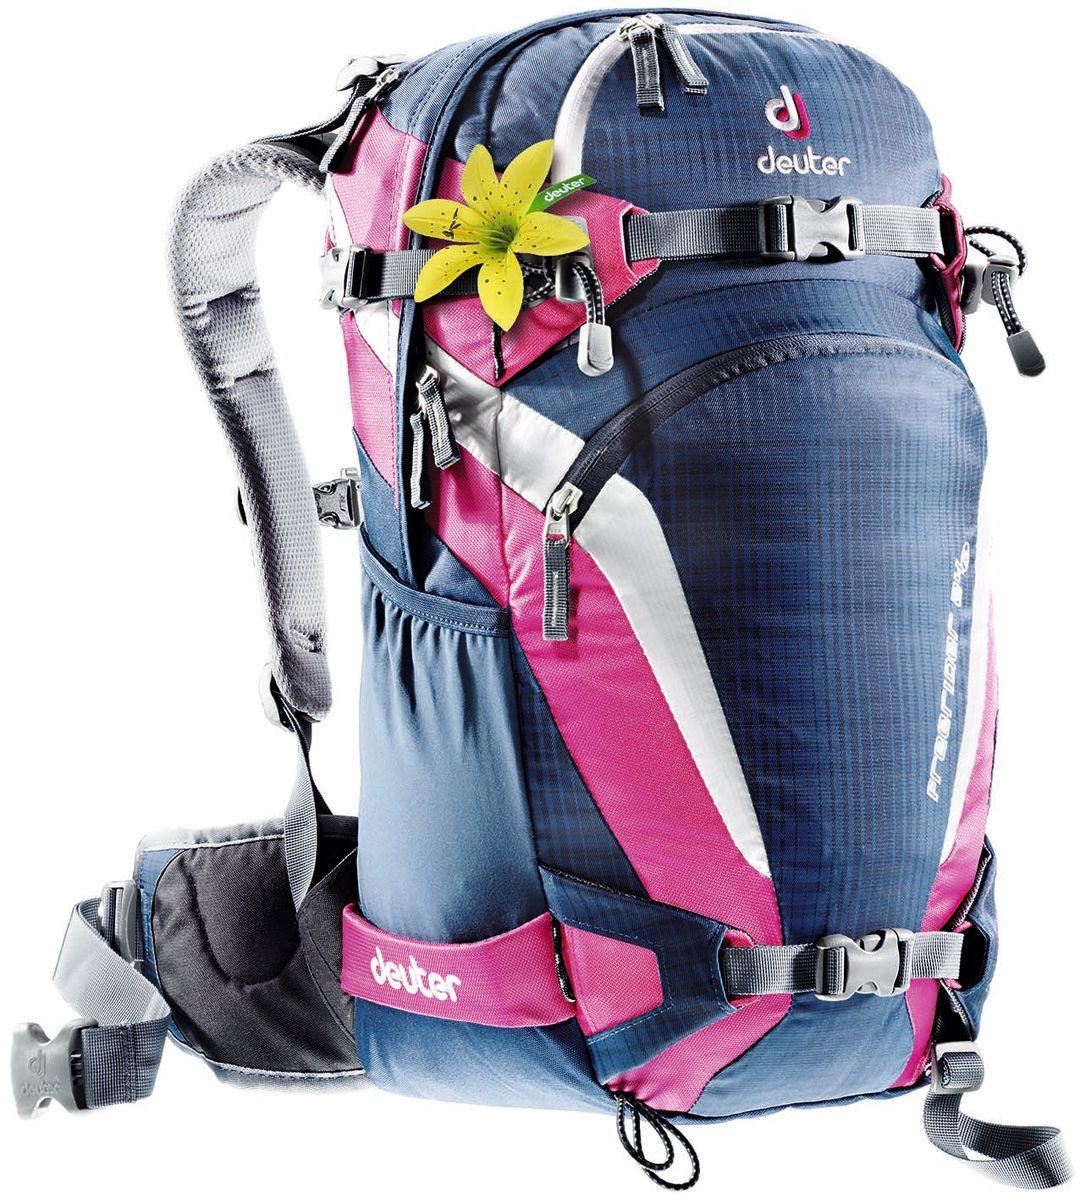 Рюкзак спортивный женский Deuter Freerider, цвет: синий, фуксия, 24 лRU-704-1/4Новый Freerider для райдеров, которые хотят иметь рюкзак на все случаи жизни для катания в сноупарке, по трассам и вне трасс.Загруженный, он удобно сидит на спине, обеспечивает легкий доступ к лавинному снаряжению.Характеристики:- удобные, гибкие неопреновые крылья пояса могут быть убраны в городе; - прямой доступ к основному отделению; - большое отделение для лавинной лопаты на фронтальной части; - отделение для лавинного зонда; - 3 кармана на молнии внутри и 1 карман на молнии в верхней части; - съемная неопреновая сидушка внутри; - отделение для мокрых вещей; - компрессионные ремни сбоку; - две петли для ледоруба, которые могут быть убраны; - сноуборд и снегоступы могут быть прикреплены в вертикальном положении; - лыжи можно переносит с креплением по центру или по бокам; - SOS лейбл; - эластичные боковые карманы; - совместим с питьевой системой; - свисток на пряжке грудного ремня. Материал: Polytex/Ballistic.Вес: 1250 грамм.Объём 24 литров. Размеры: 52 x 28 x 16 см.